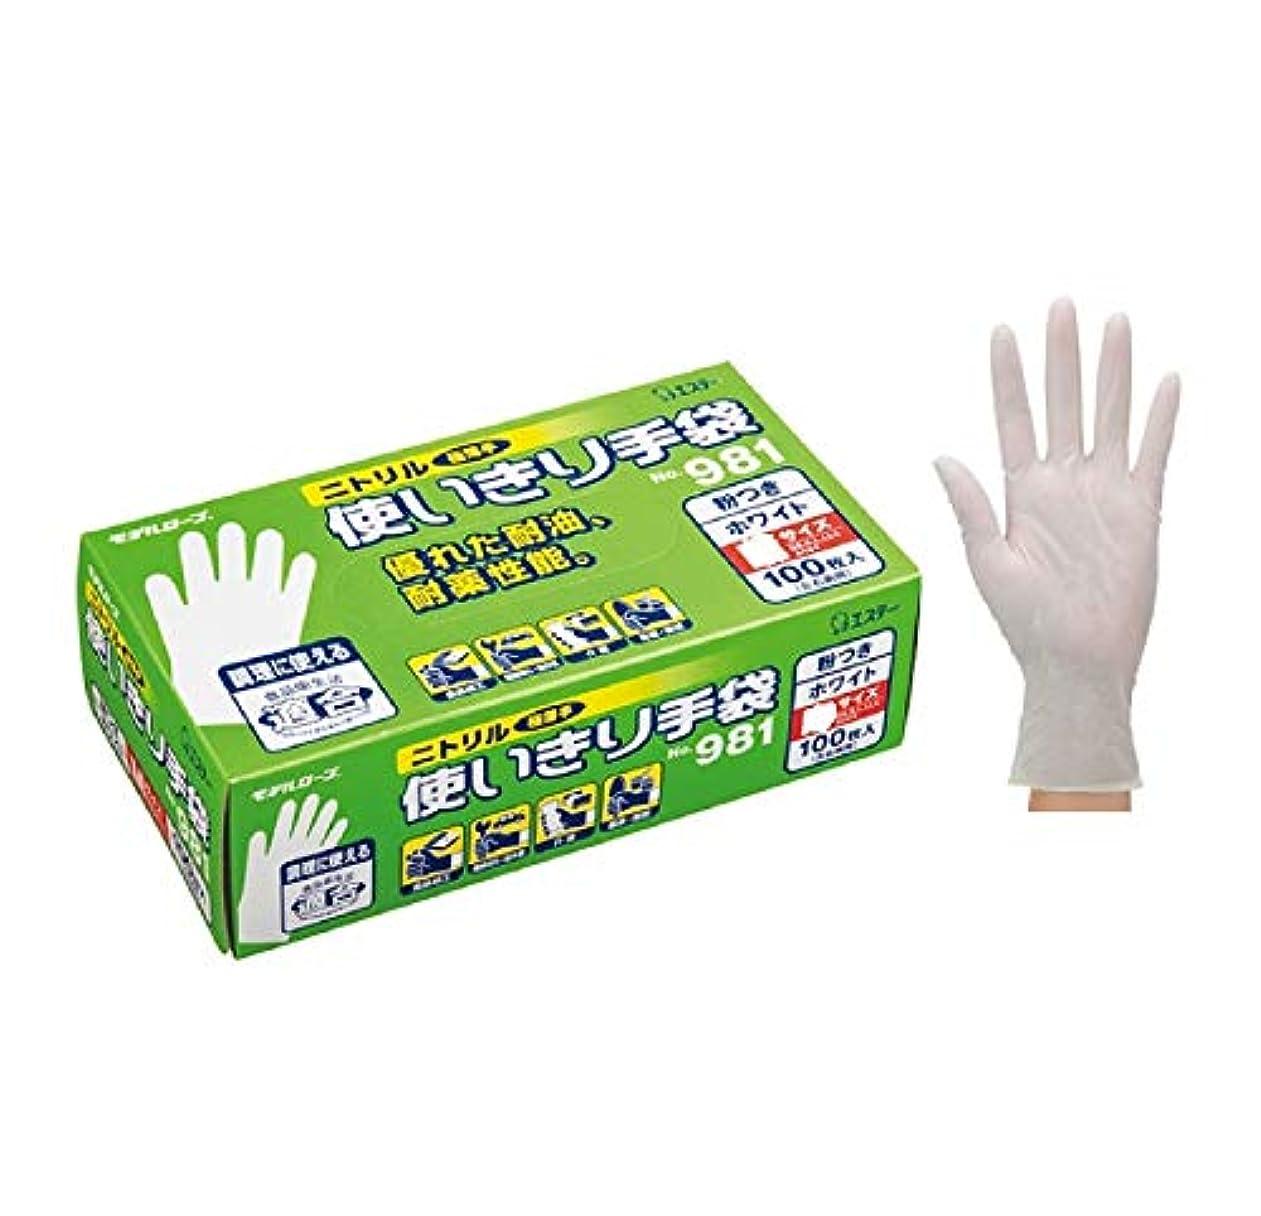 事前に海岸タブレットエステー ニトリル手袋/作業用手袋 [粉付 No981/M 12箱]